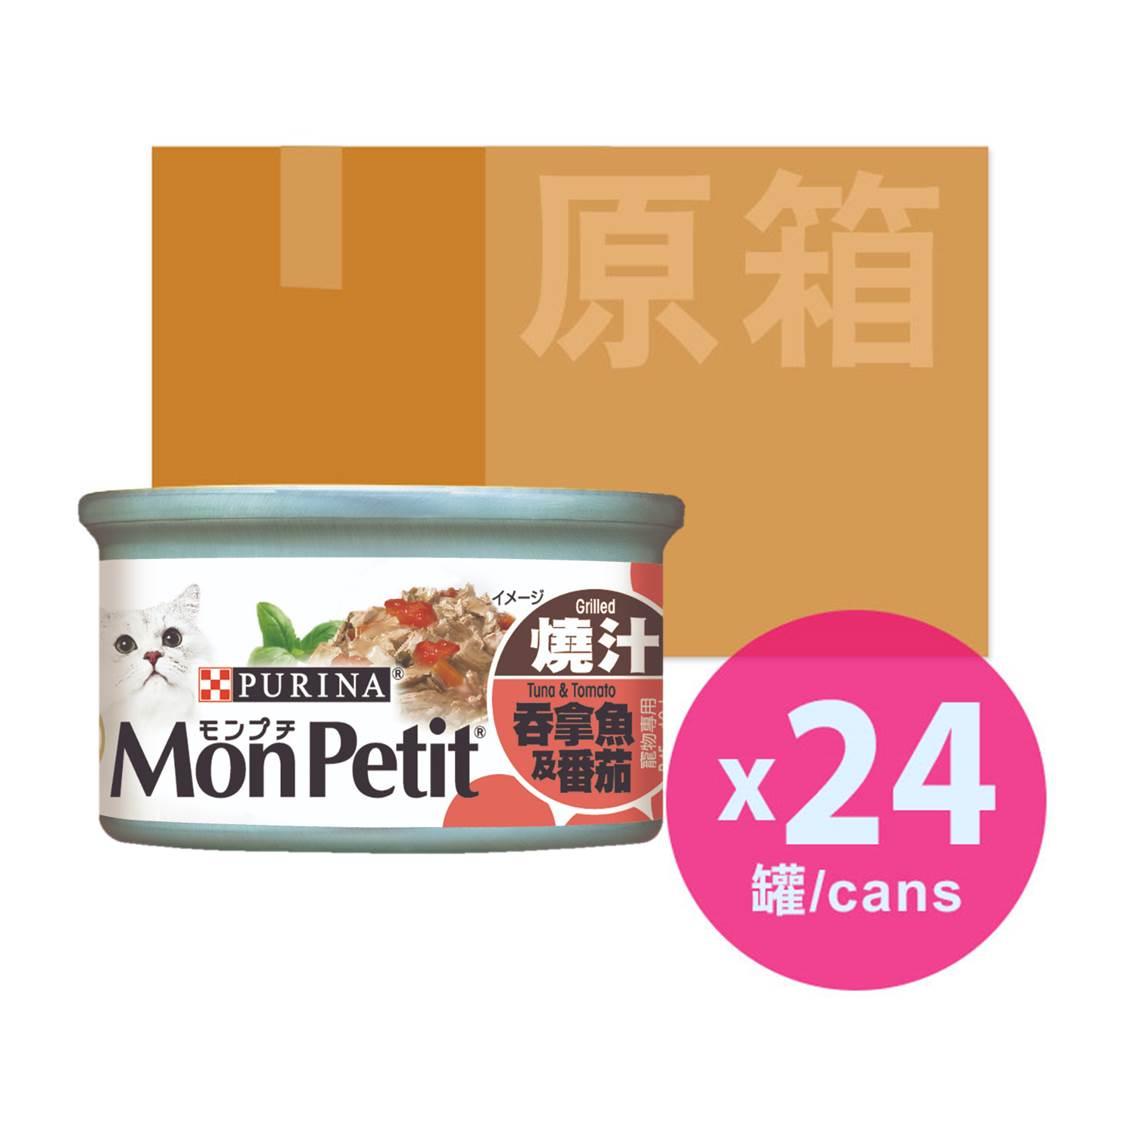 MON PETIT原箱M0N PETIT 至尊吞拿魚及蕃茄24X85G